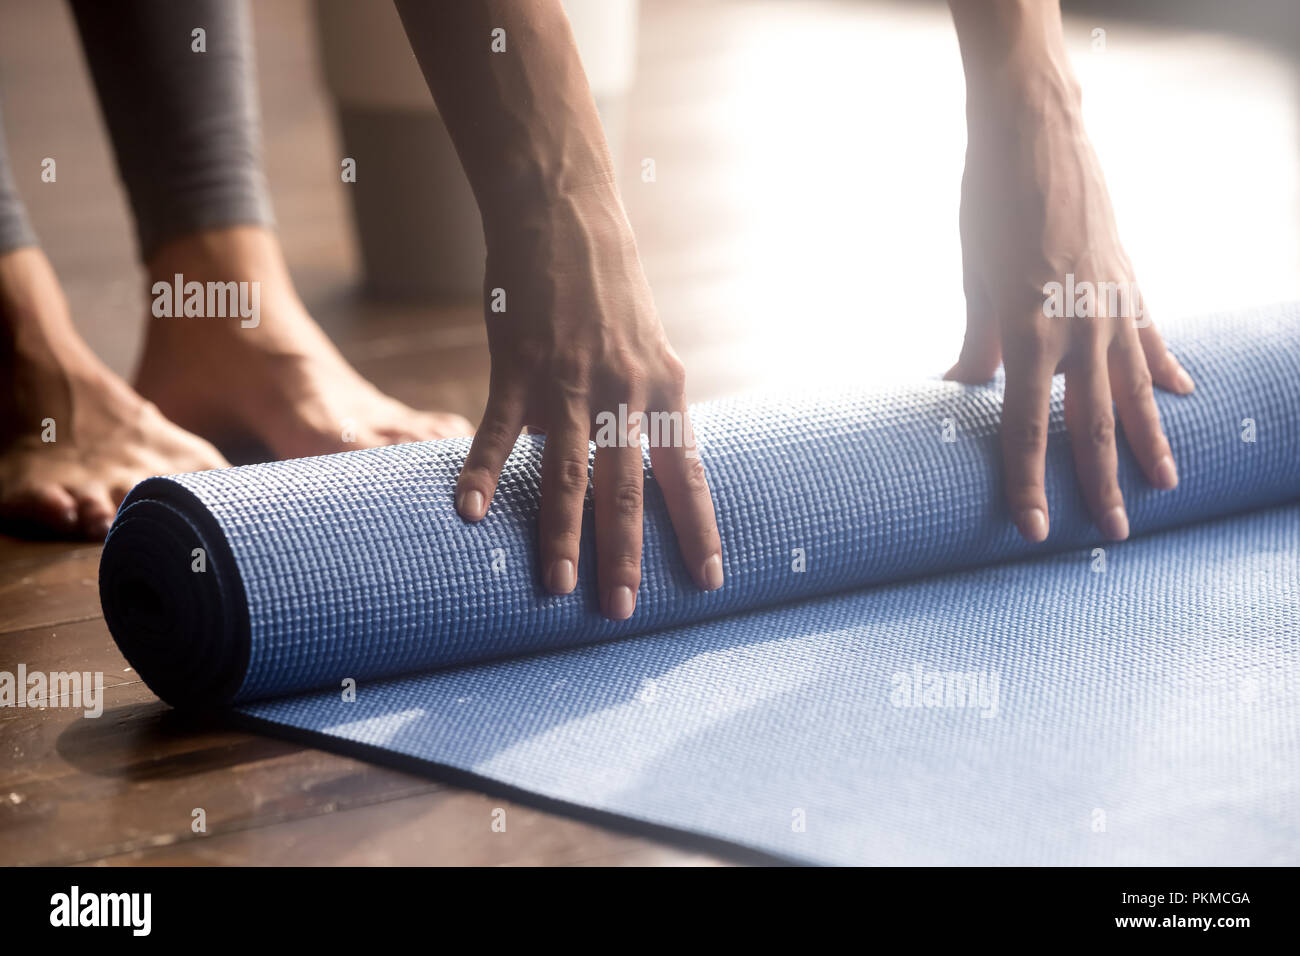 Blue fitness tapis d'exercice, de l'équipement pour le sport session de formation Photo Stock